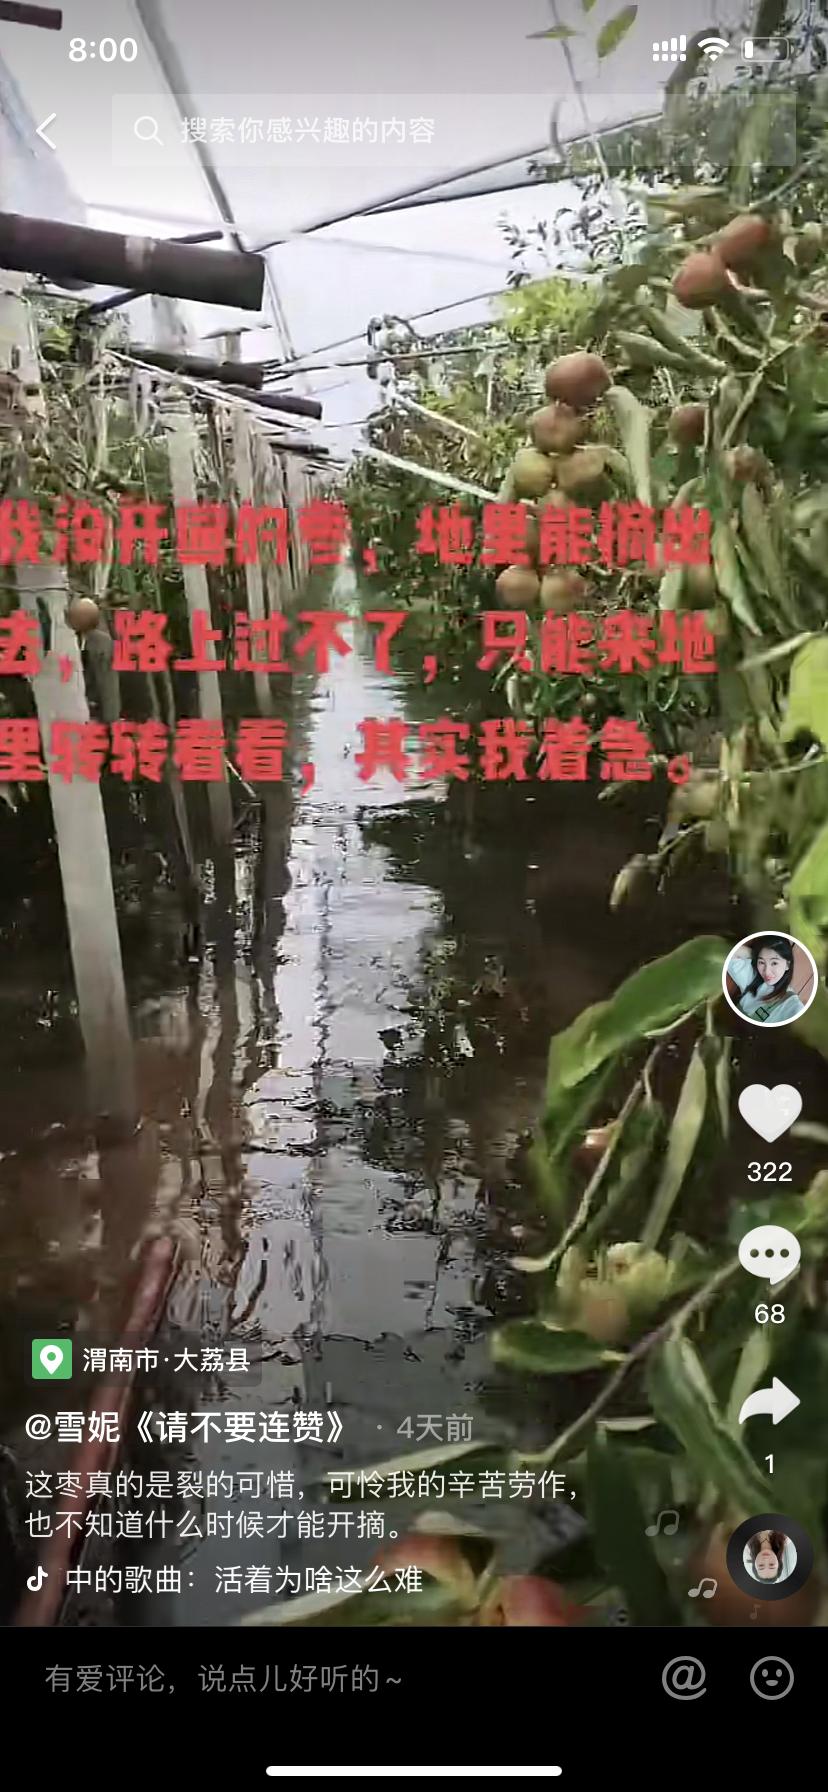 陕西大荔县近50万亩农田受灾,有种枣户损失近百万元,农民:3年辛苦白费了